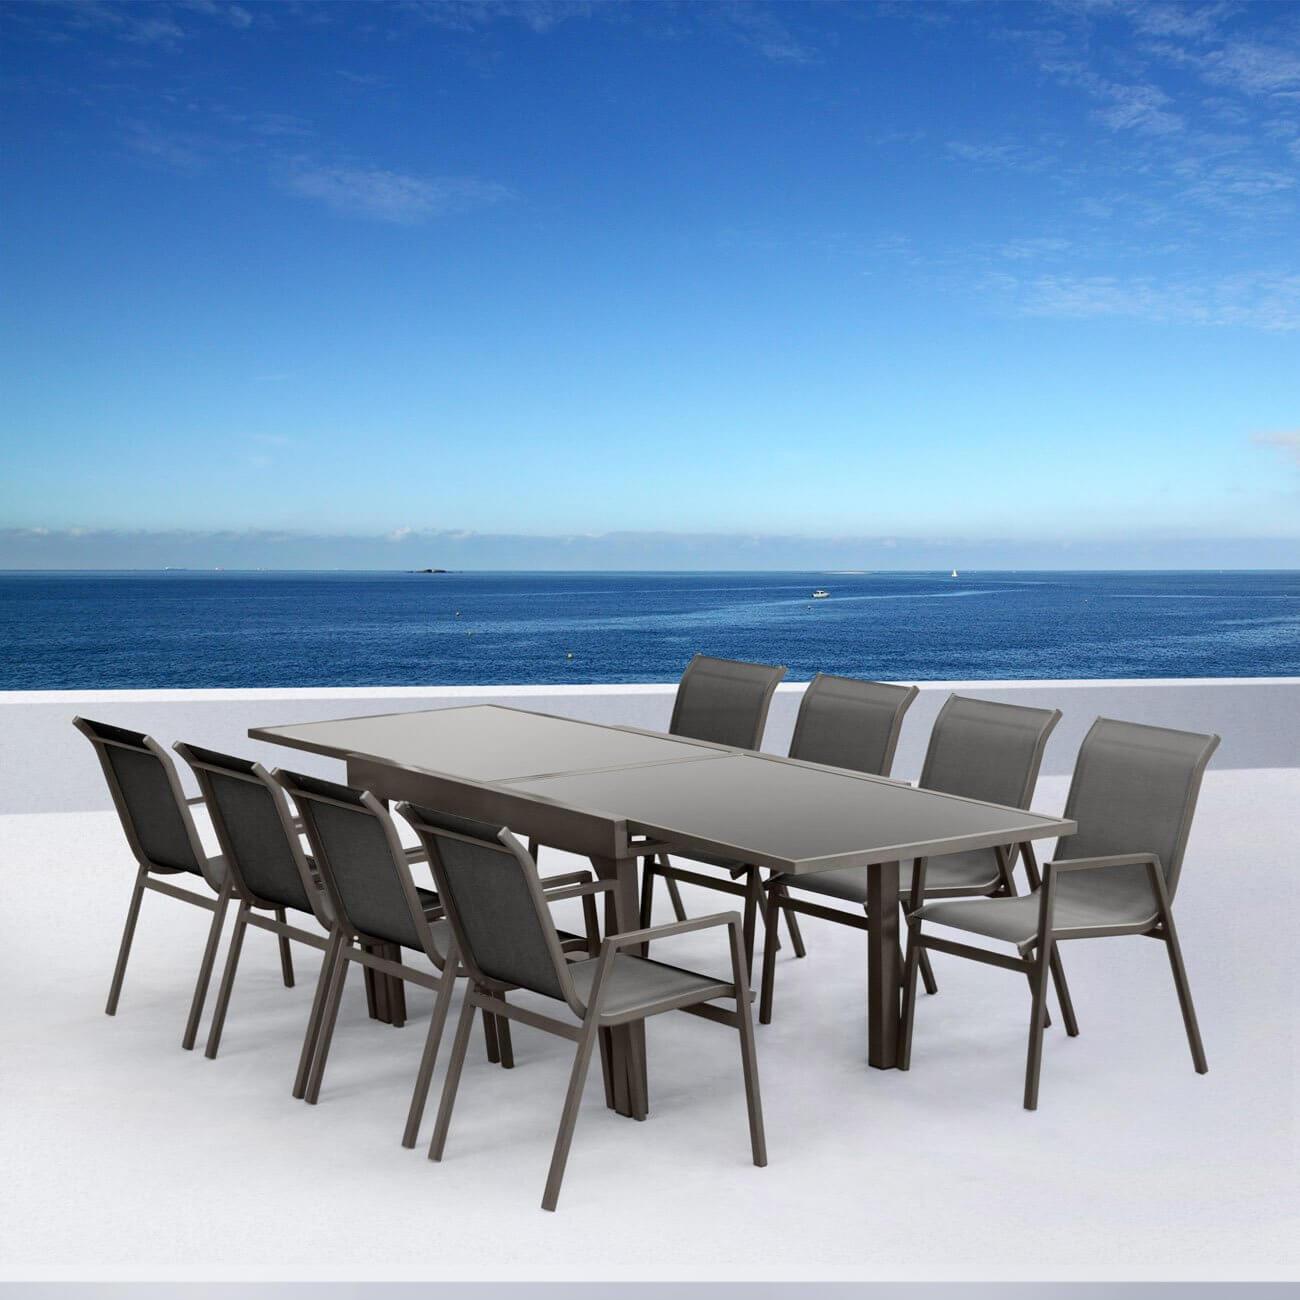 Salon de jardin Marbella